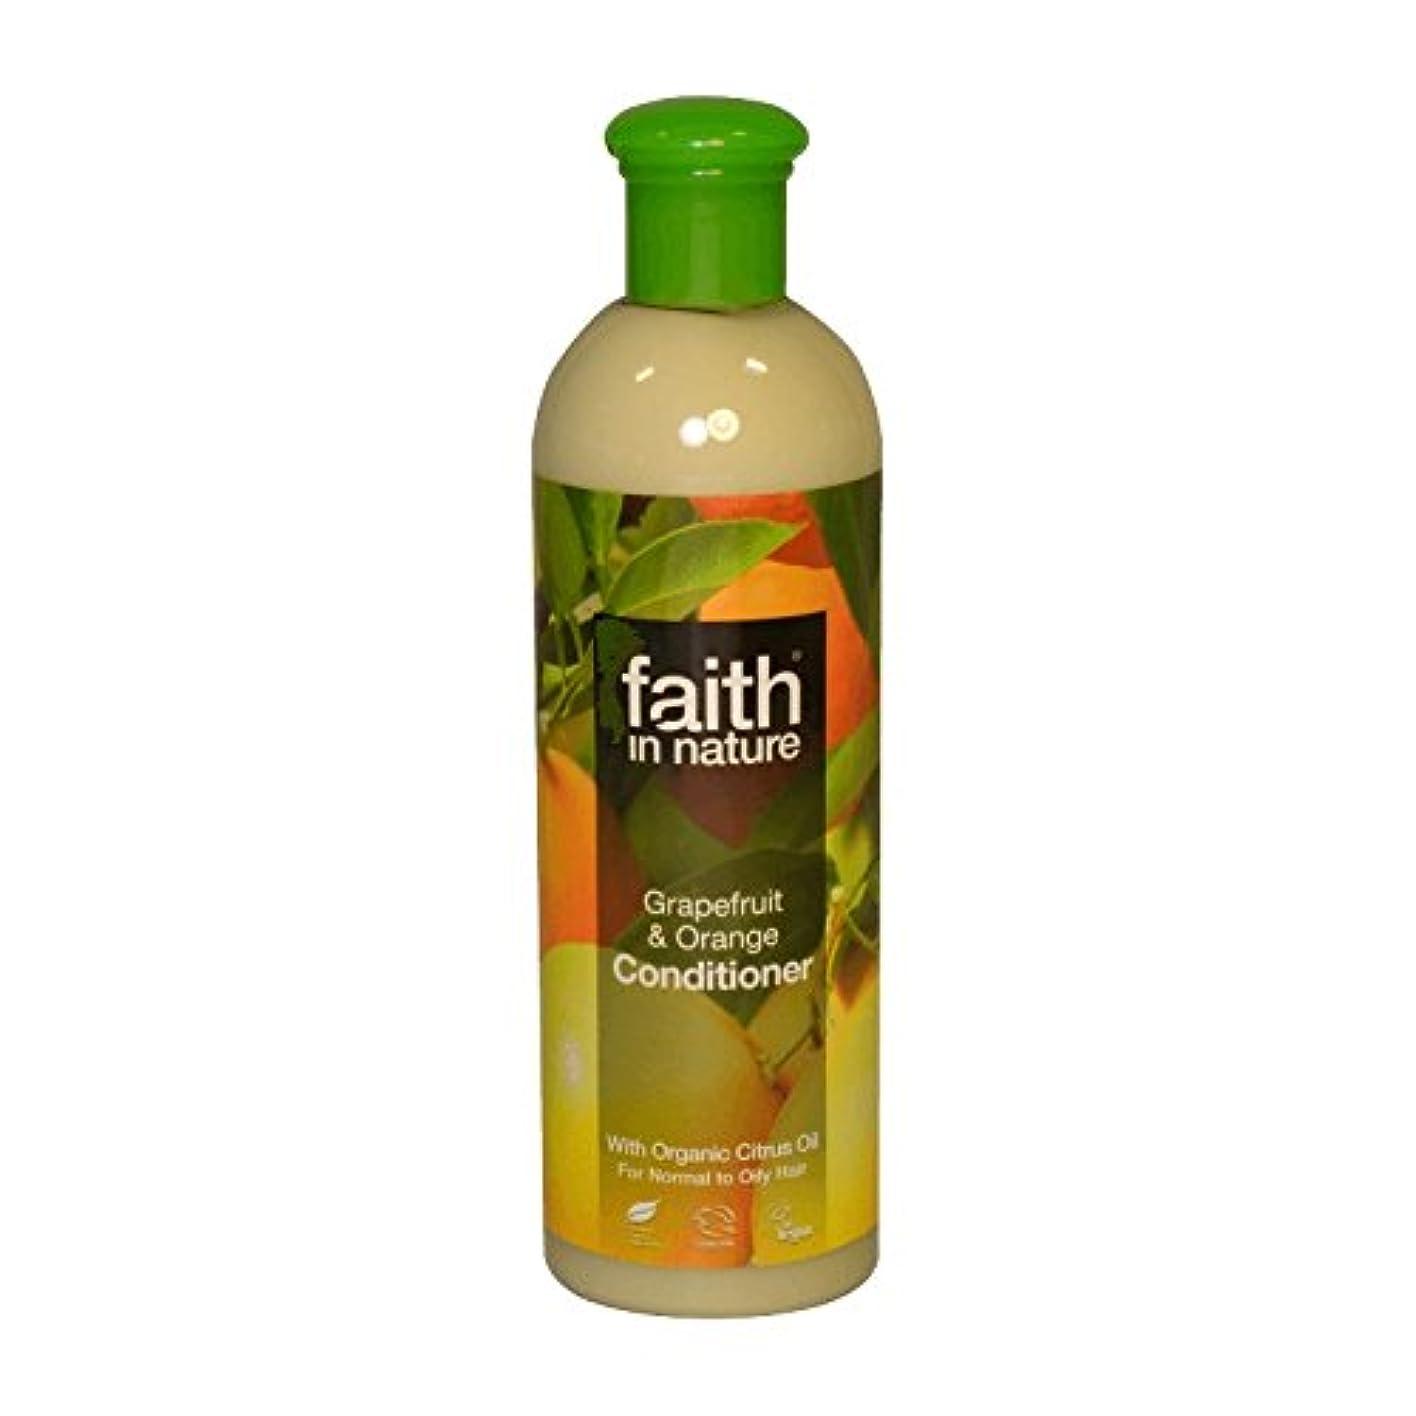 悲惨ほぼ研究Faith in Nature Grapefruit & Orange Conditioner 400ml (Pack of 6) - 自然グレープフルーツ&オレンジコンディショナー400ミリリットルの信仰 (x6) [...